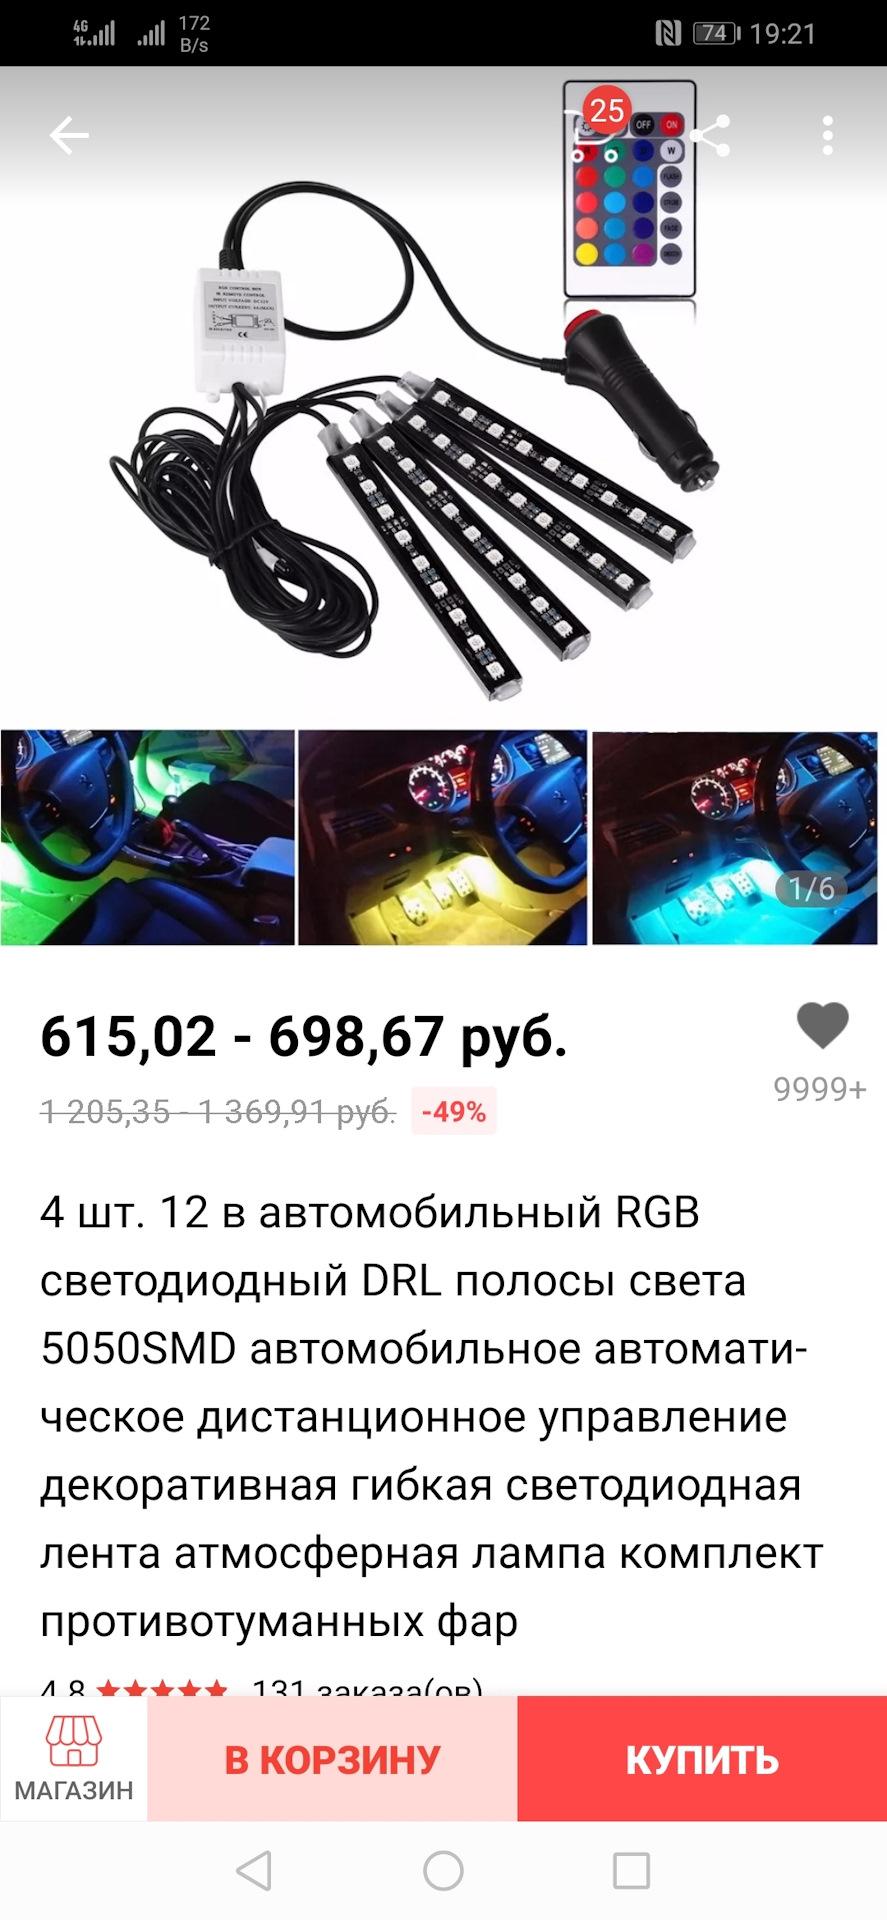 LYAAAgOevuA-960.jpg